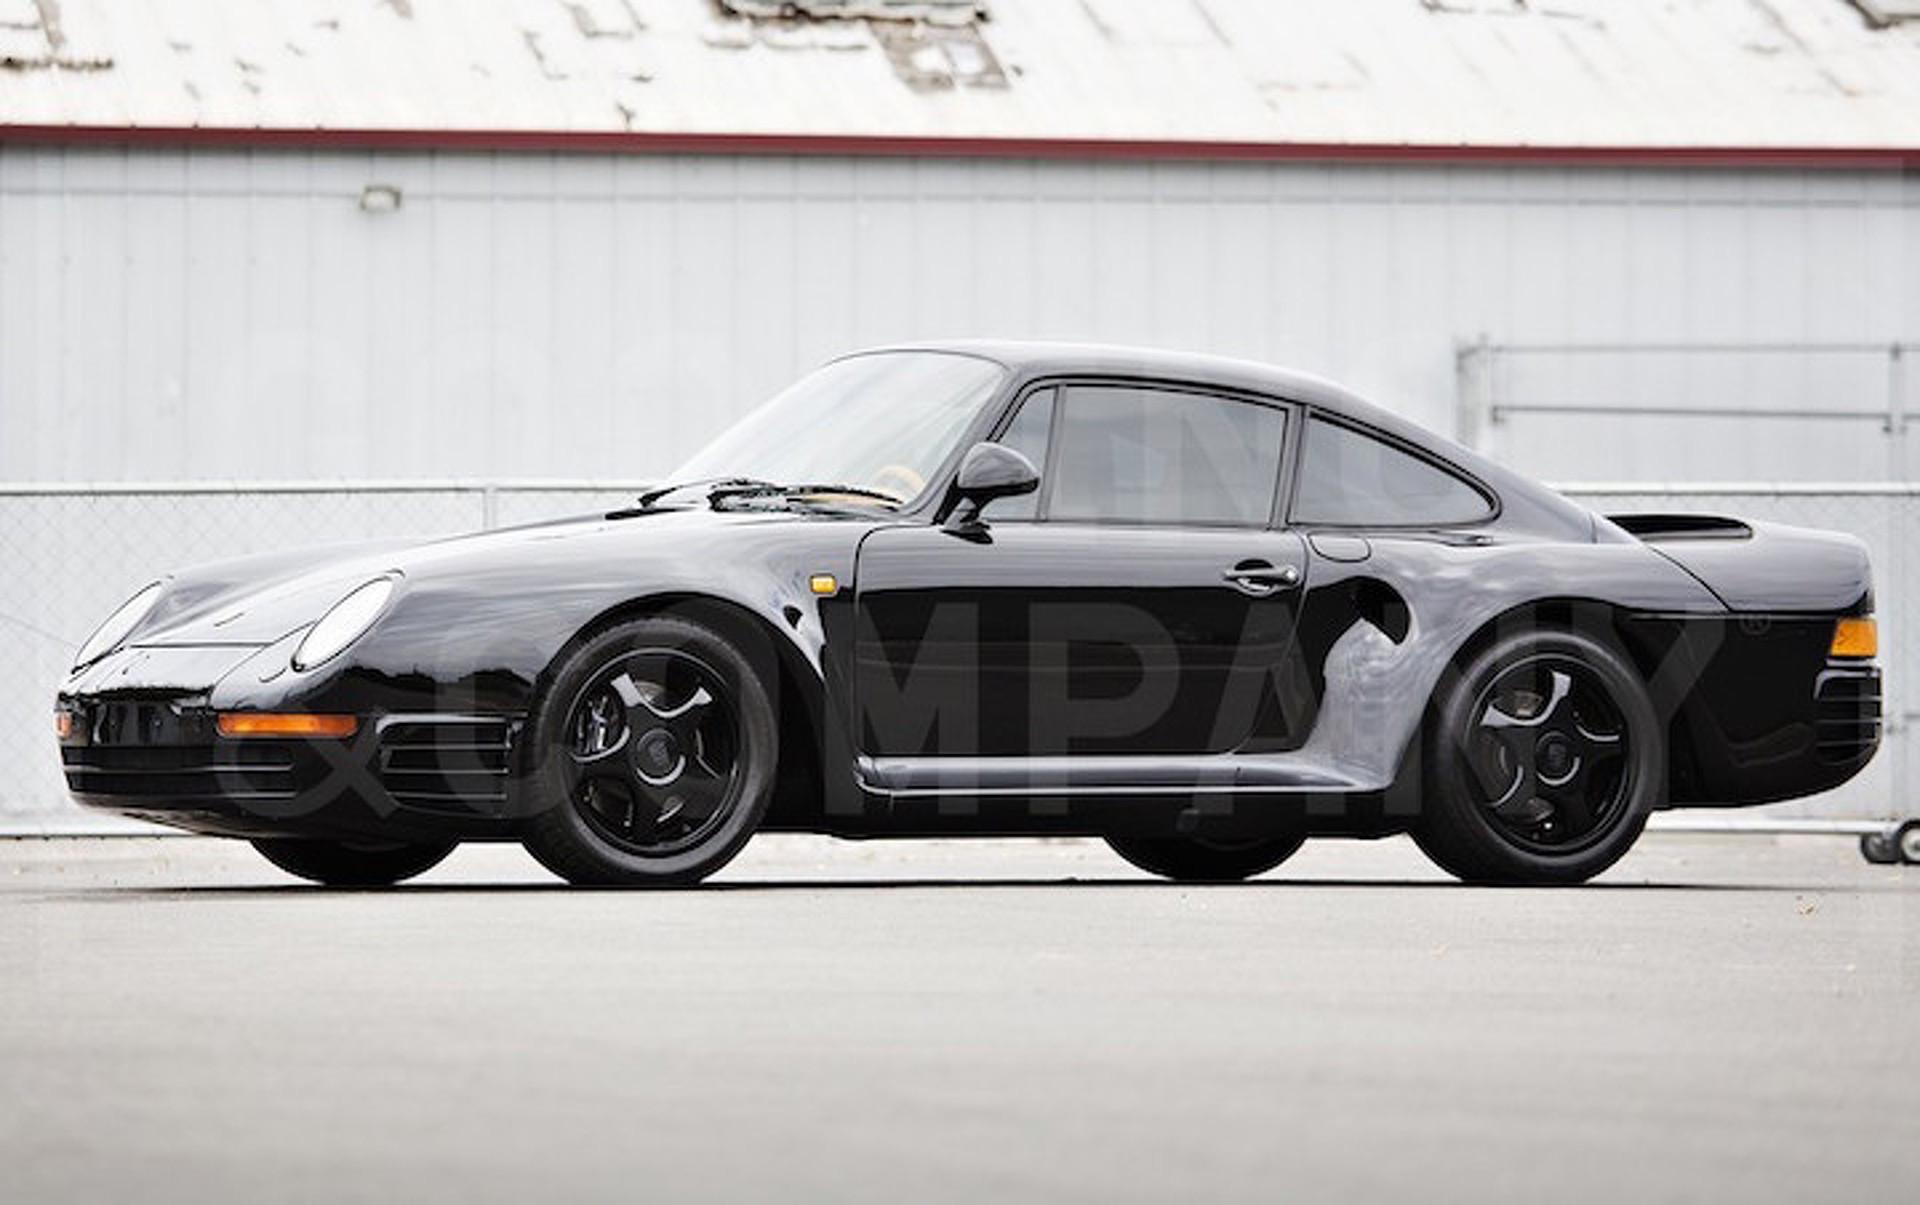 This 1988 Porsche 959 Could Fetch $1.6 Million at Auction